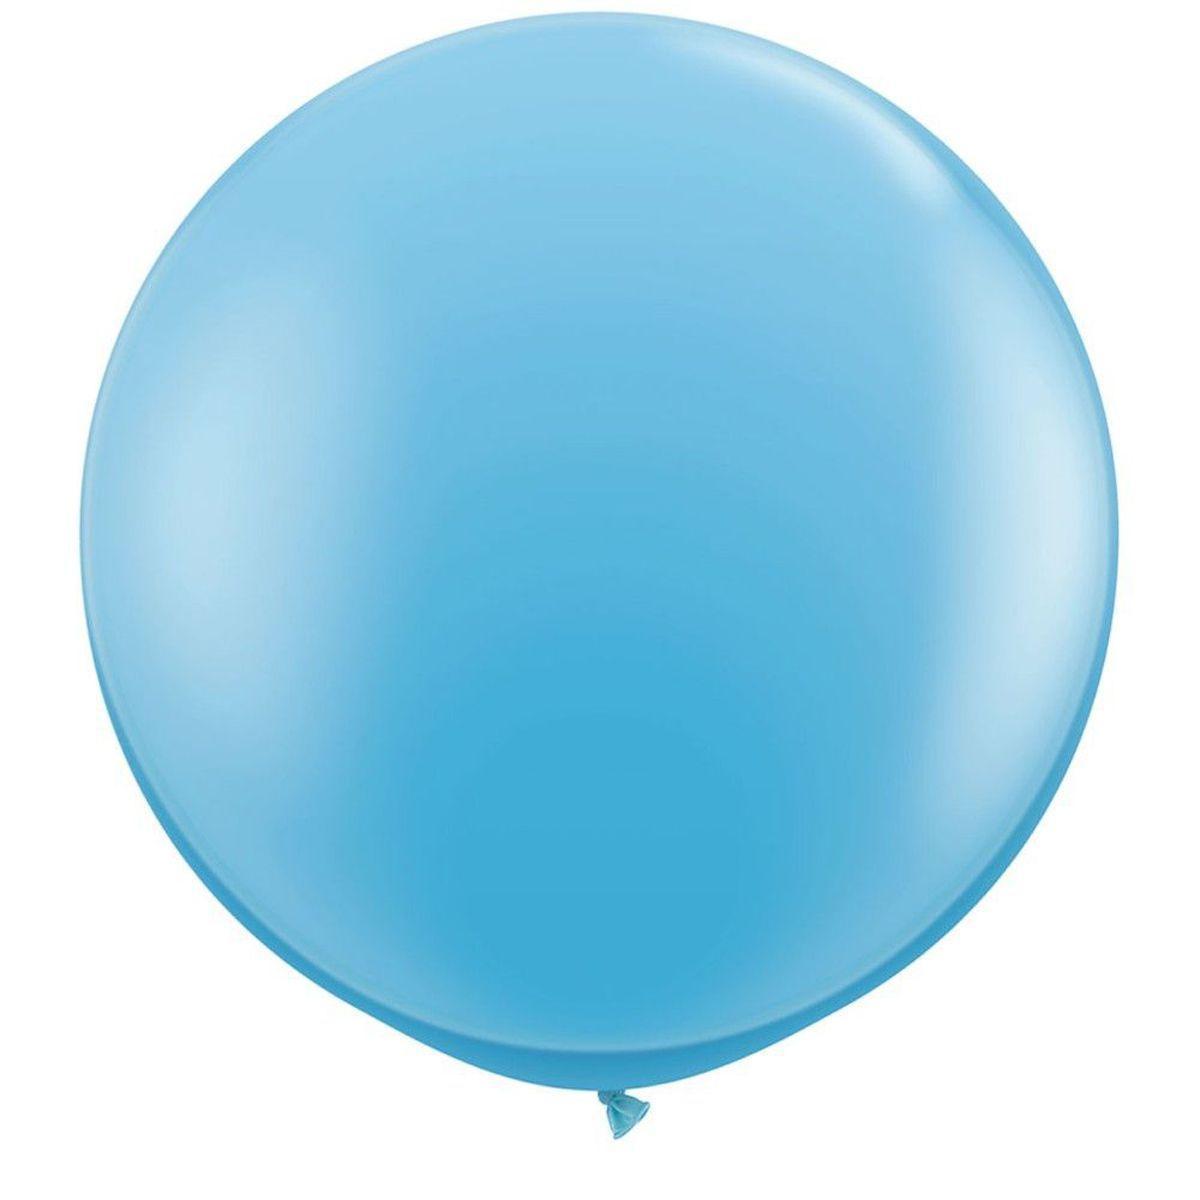 """Шар воздушный Qualatex 36"""" Бледно-голубой pale blue, 91см"""